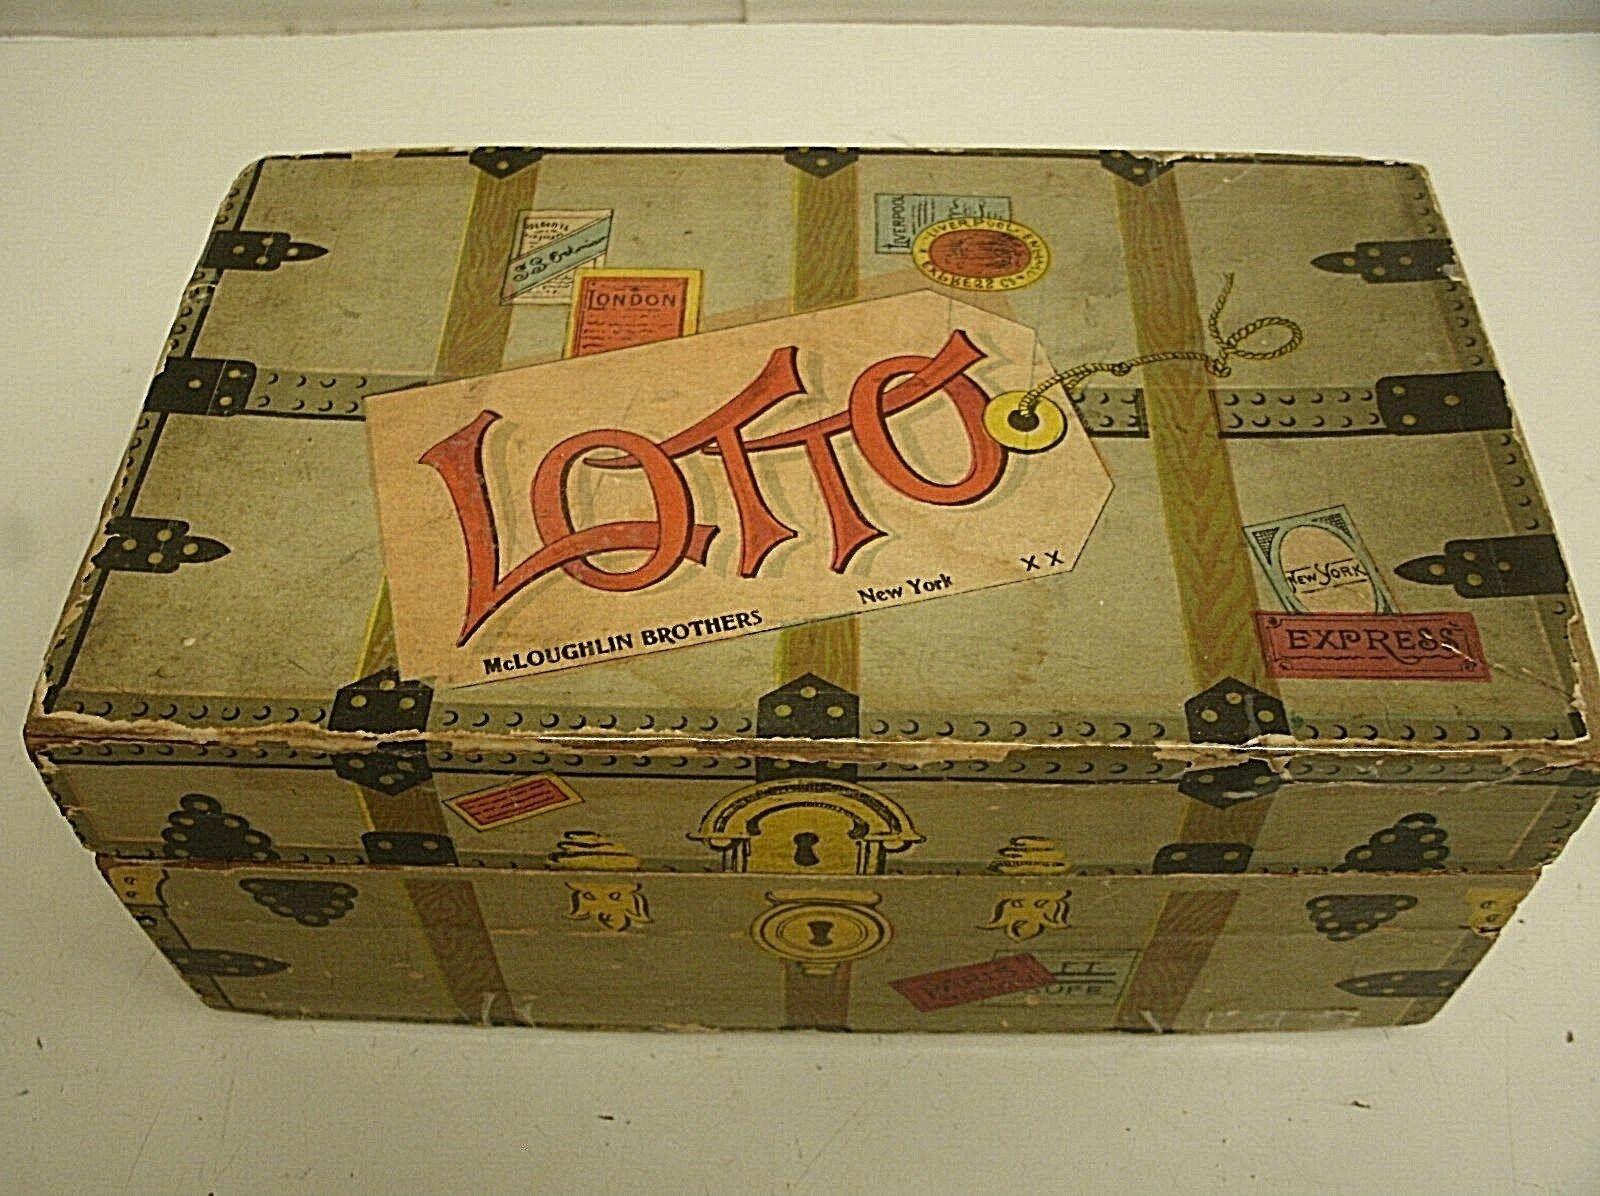 Mcloughlin bros. lotto - spiel bingo - spiel im stil von 1890